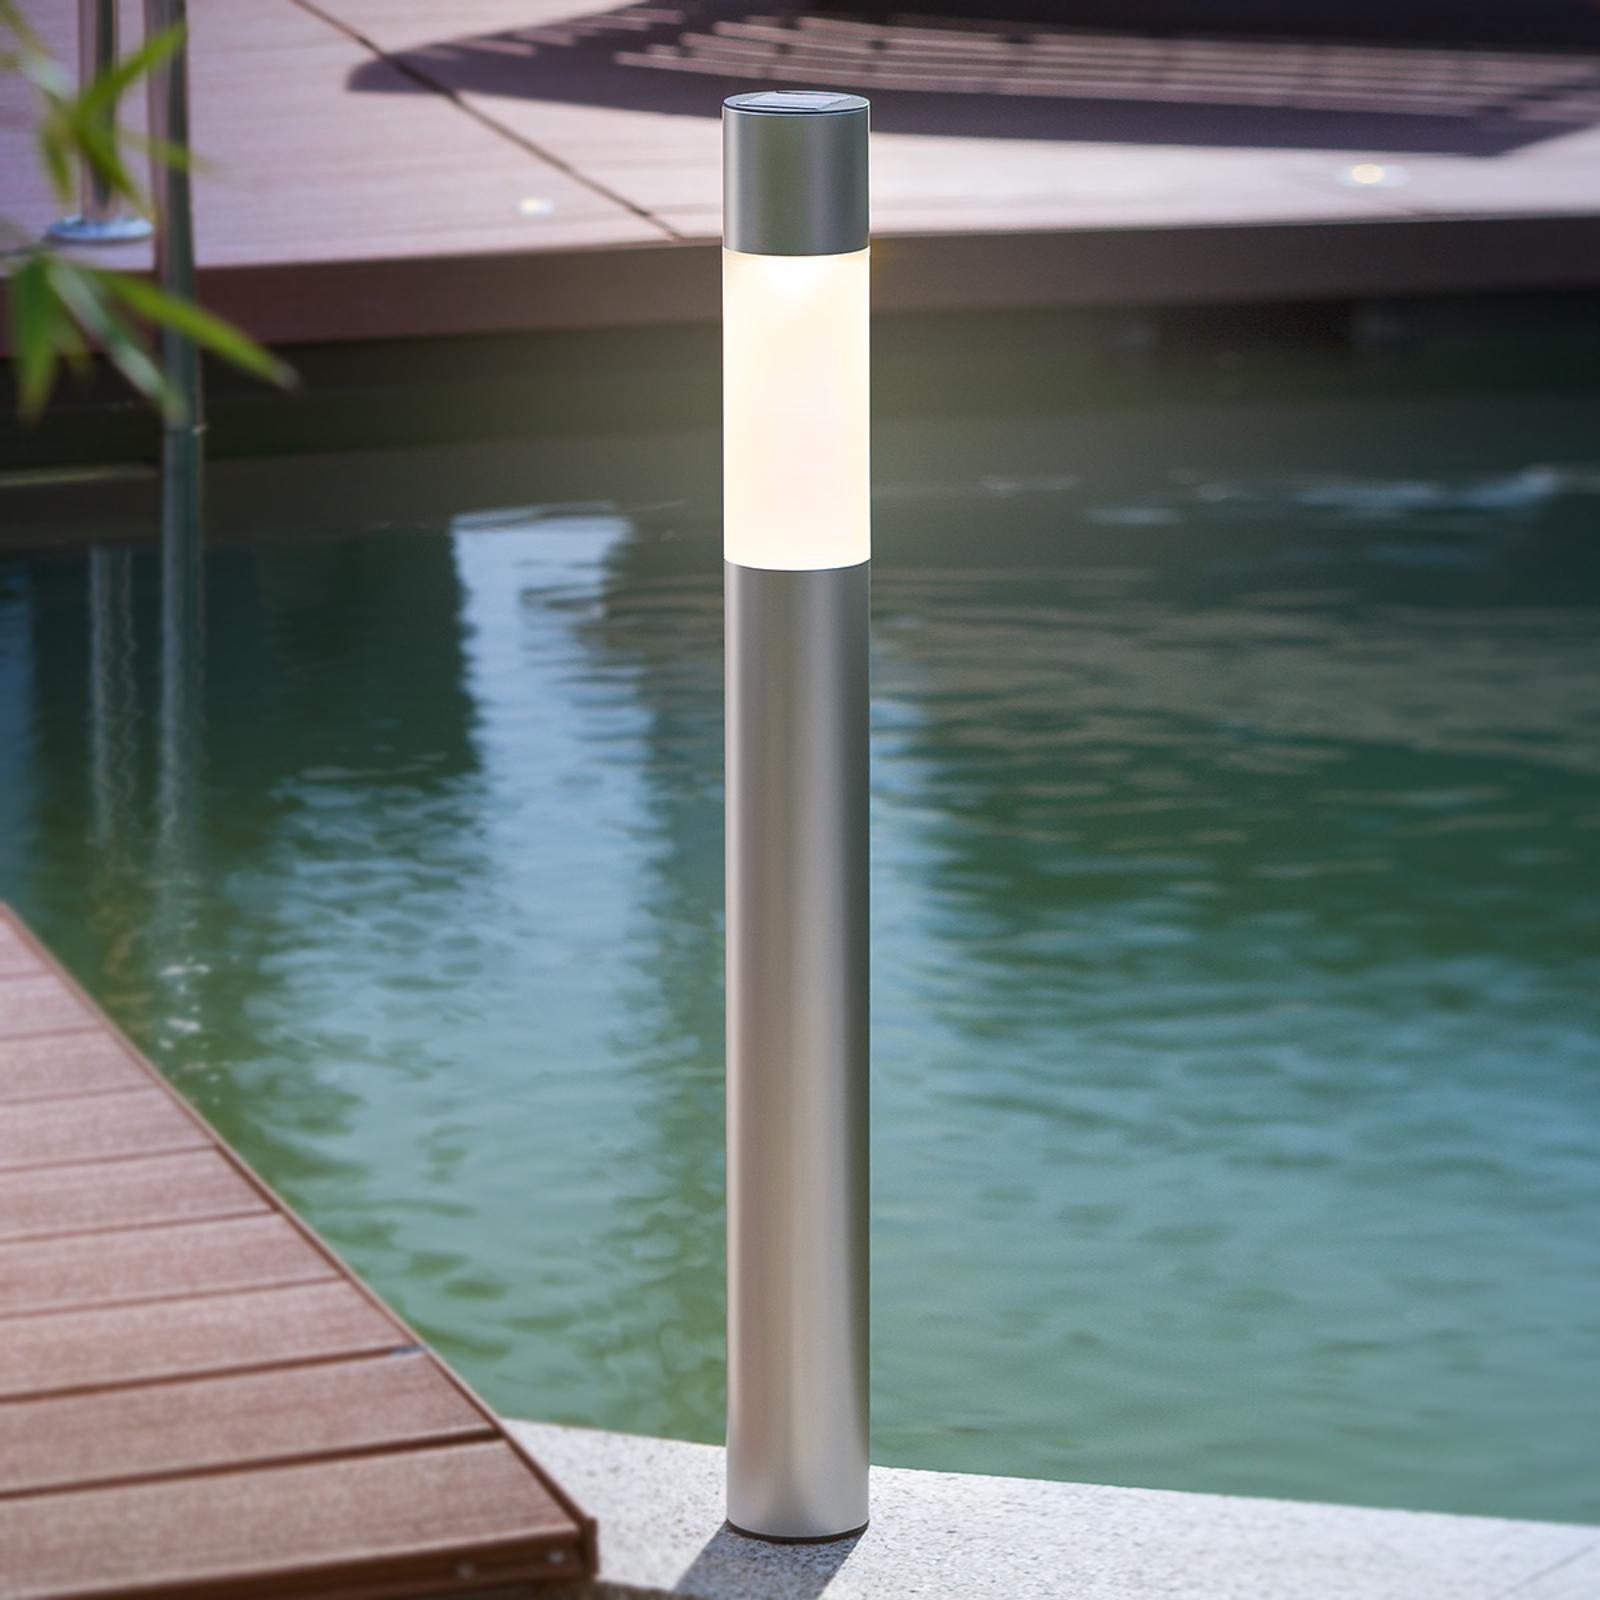 Moderní solární LED lampa Pole Light